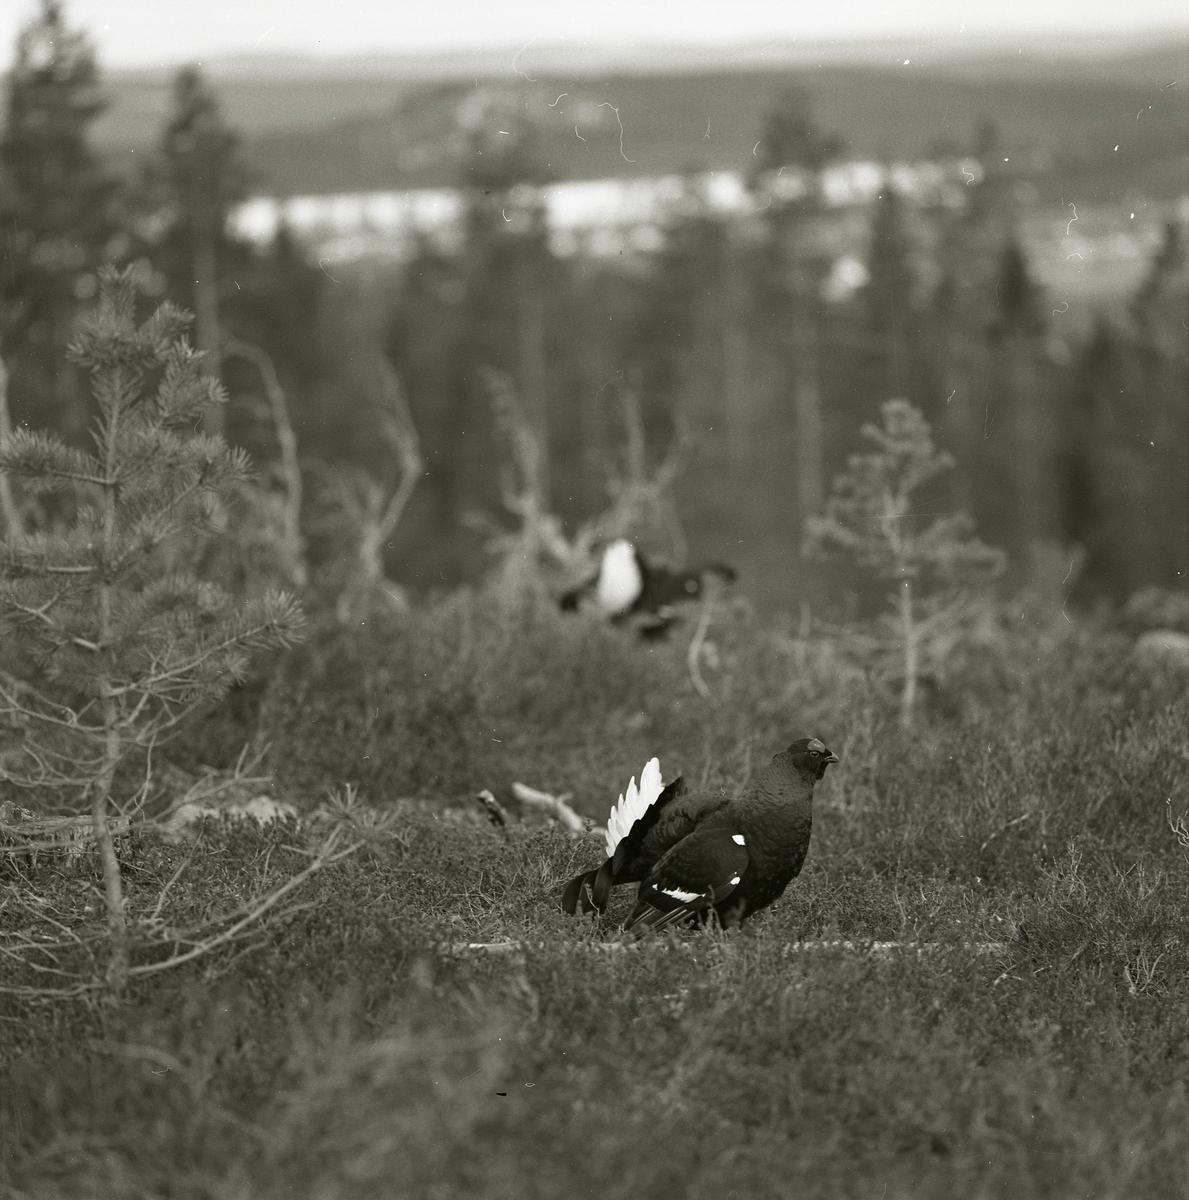 En hälsingsk vy över skogens träd som bryts upp av ett vattendrag har Hilding Mickelsson fotat 1972. Bildens huvudsakliga motiv finns i förgrunden där två orrar vandrar omkring bland ljung och ris.